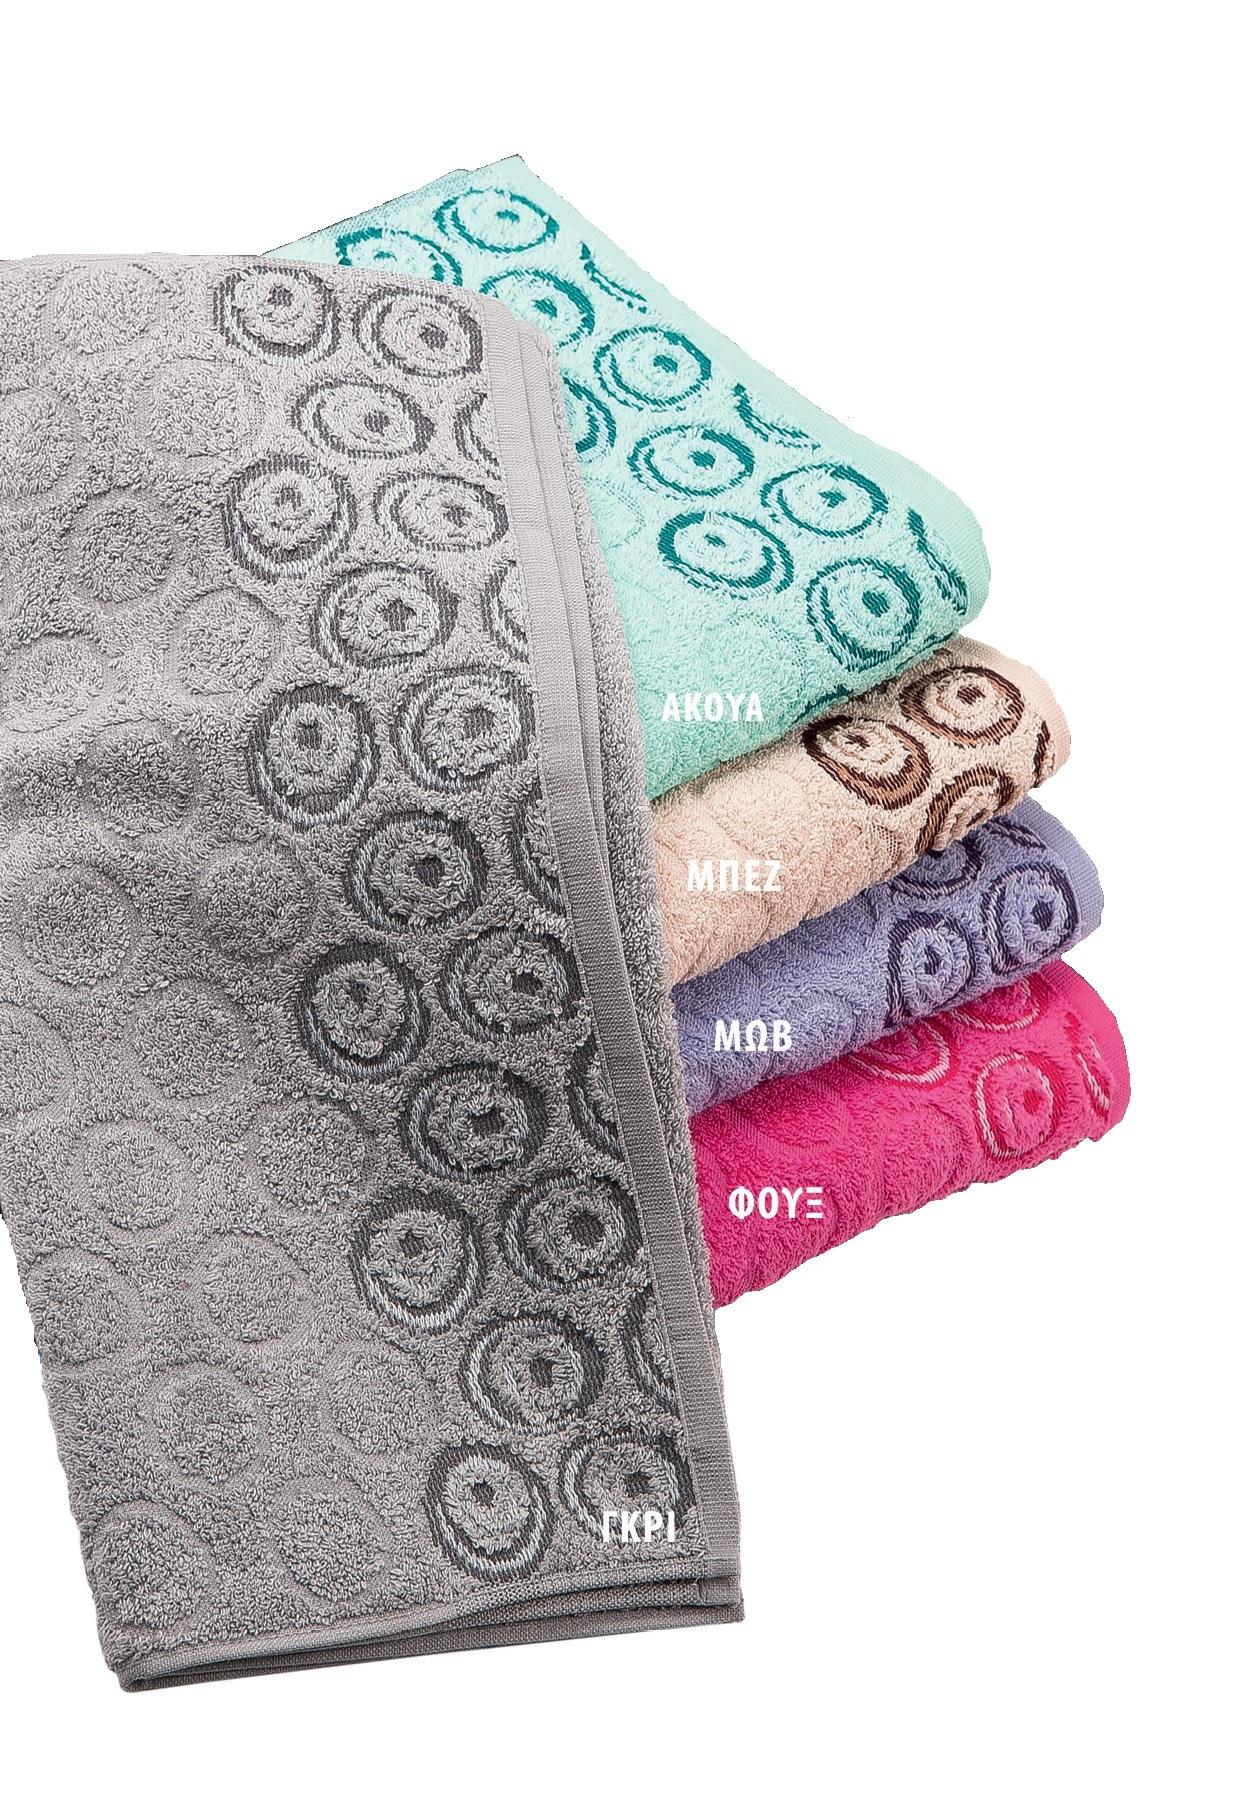 Πετσέτες Μπάνιου Σετ 3τμχ Zero Twist Ουρανία Dim Collection Φούξια – DimCol – 1632215704588330